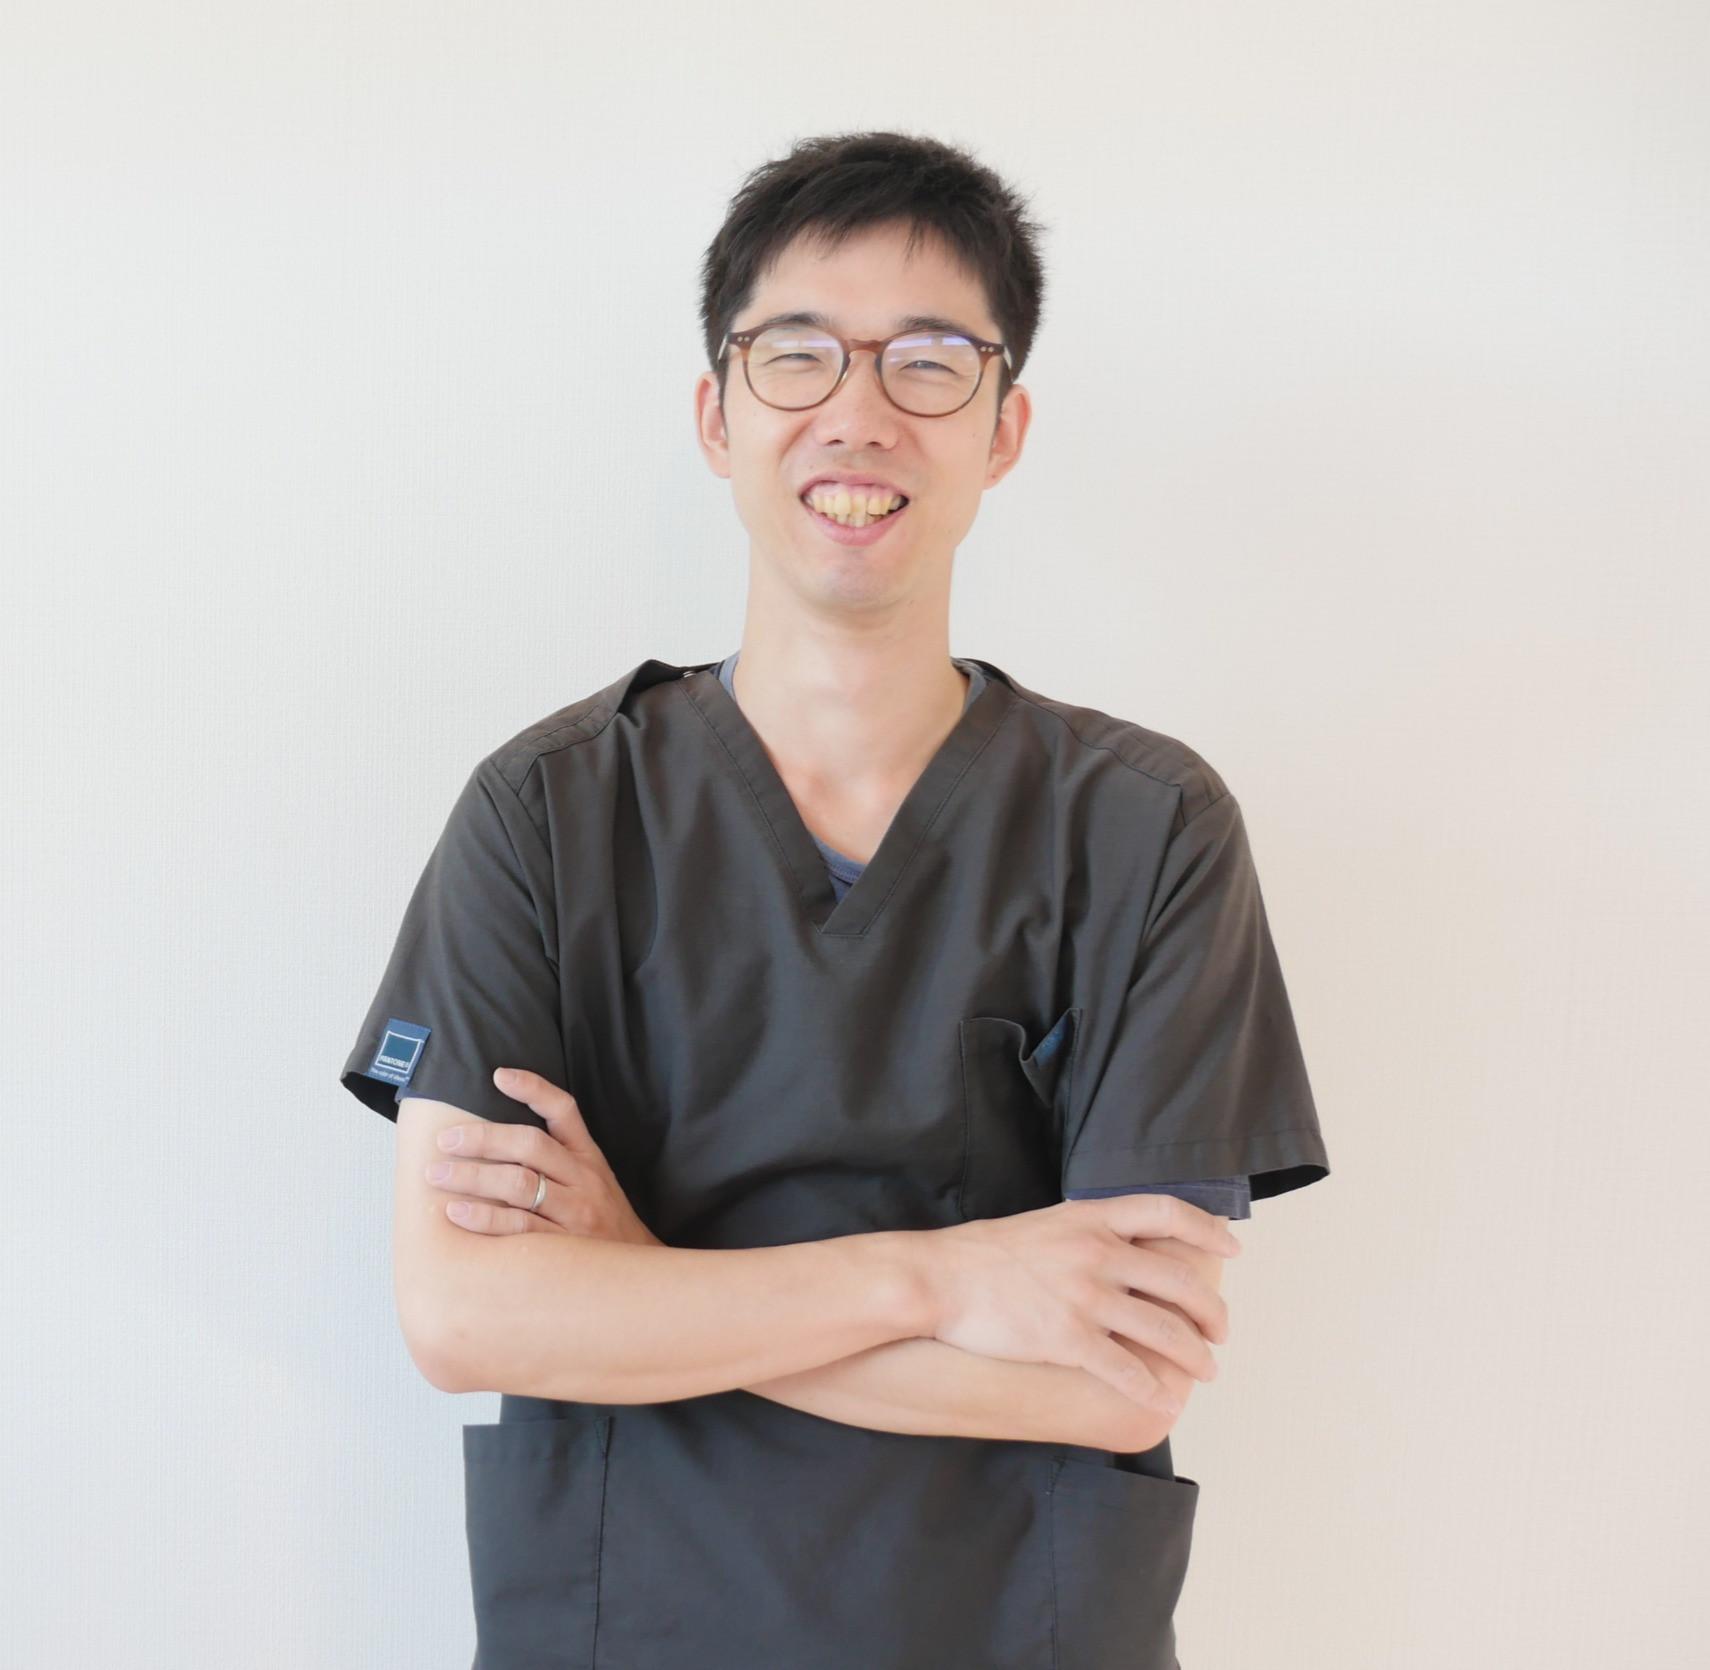 藤川先生の初診カイロ|First Visit (Mr.Fujikawa)